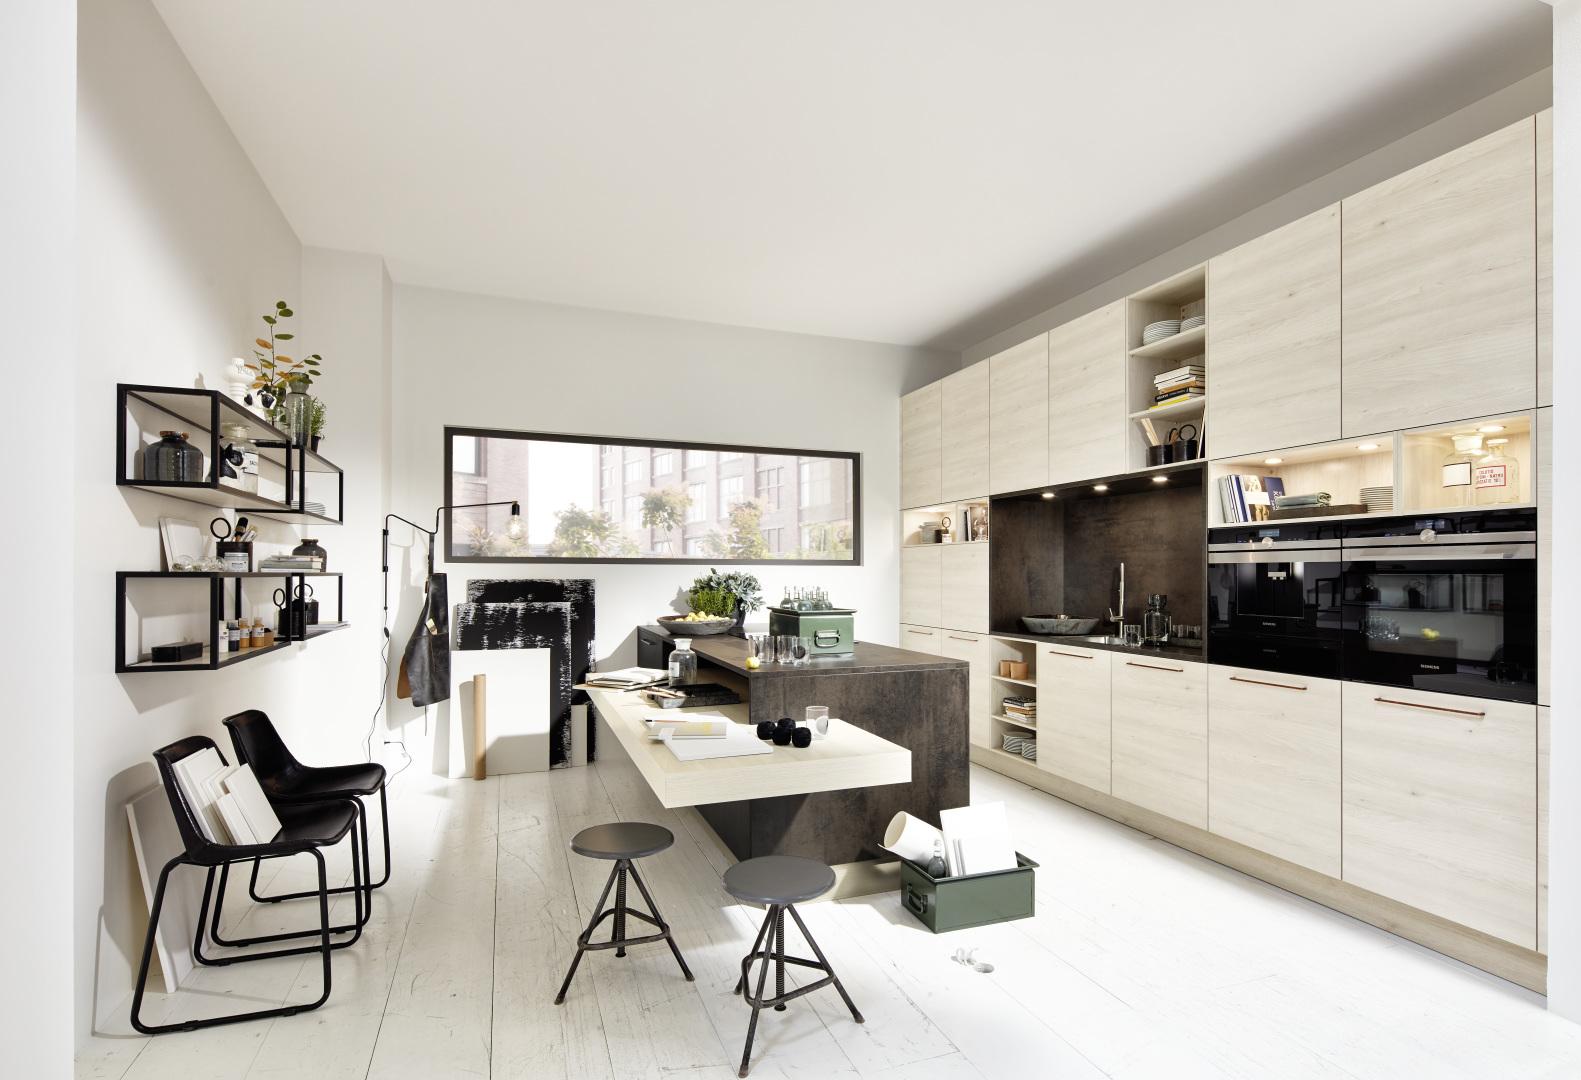 Full Size of Nolte Kchen 2019 Test Betten Küchen Regal Schlafzimmer Küche Wohnzimmer Nolte Küchen Glasfront